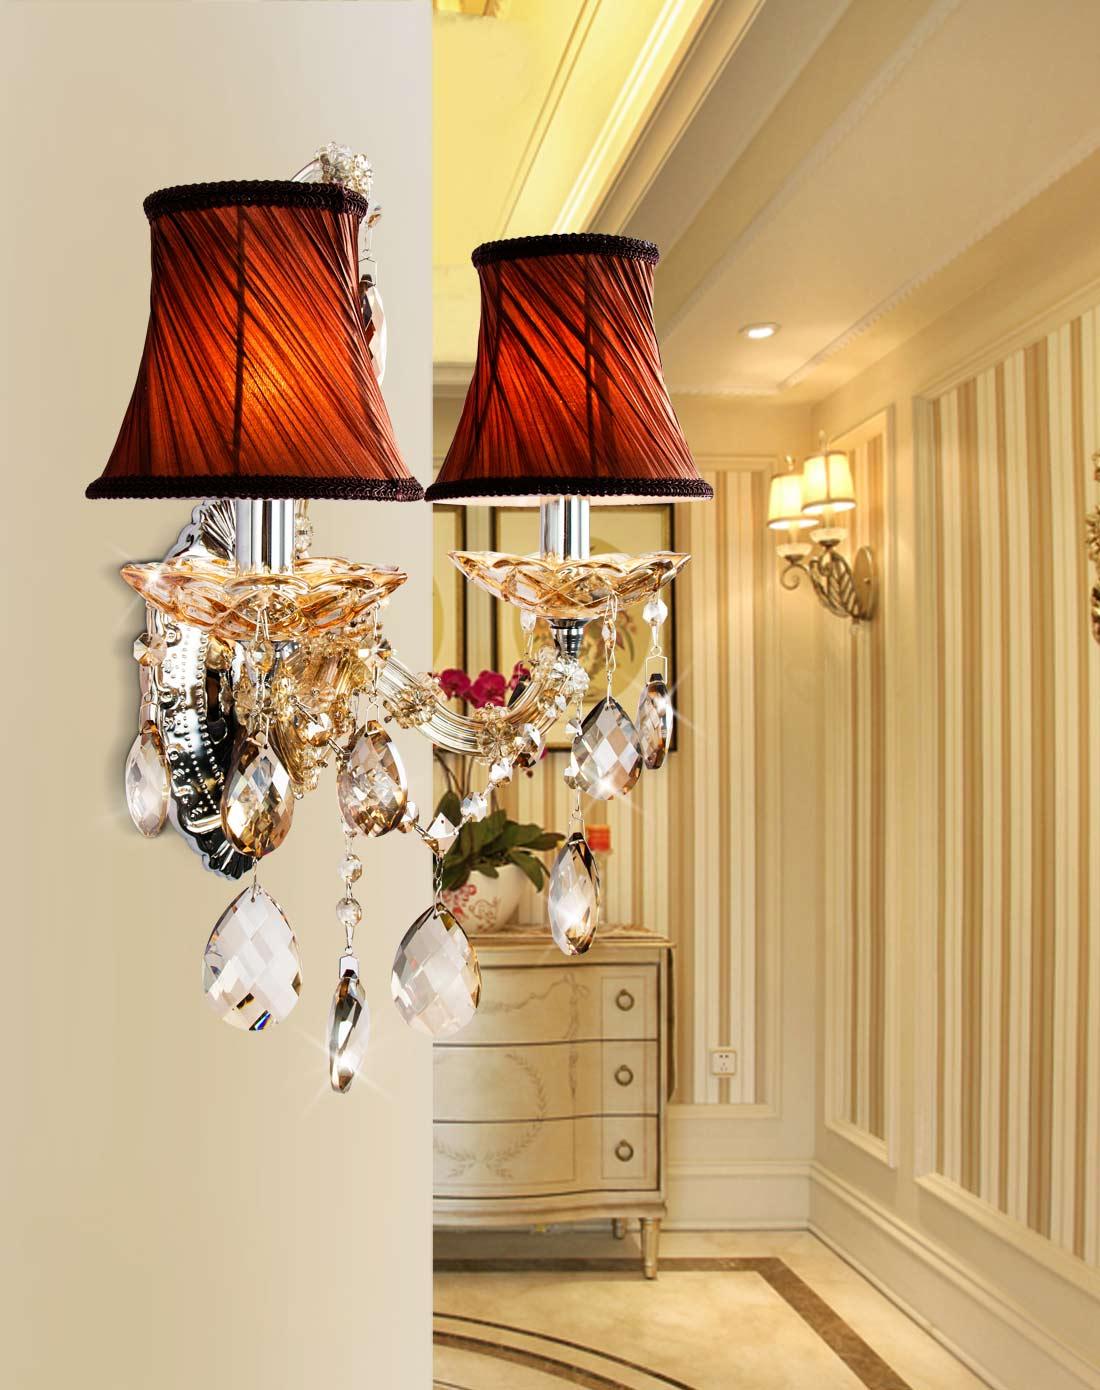 欧式壁灯水晶床头灯创意壁灯客厅卧室灯具